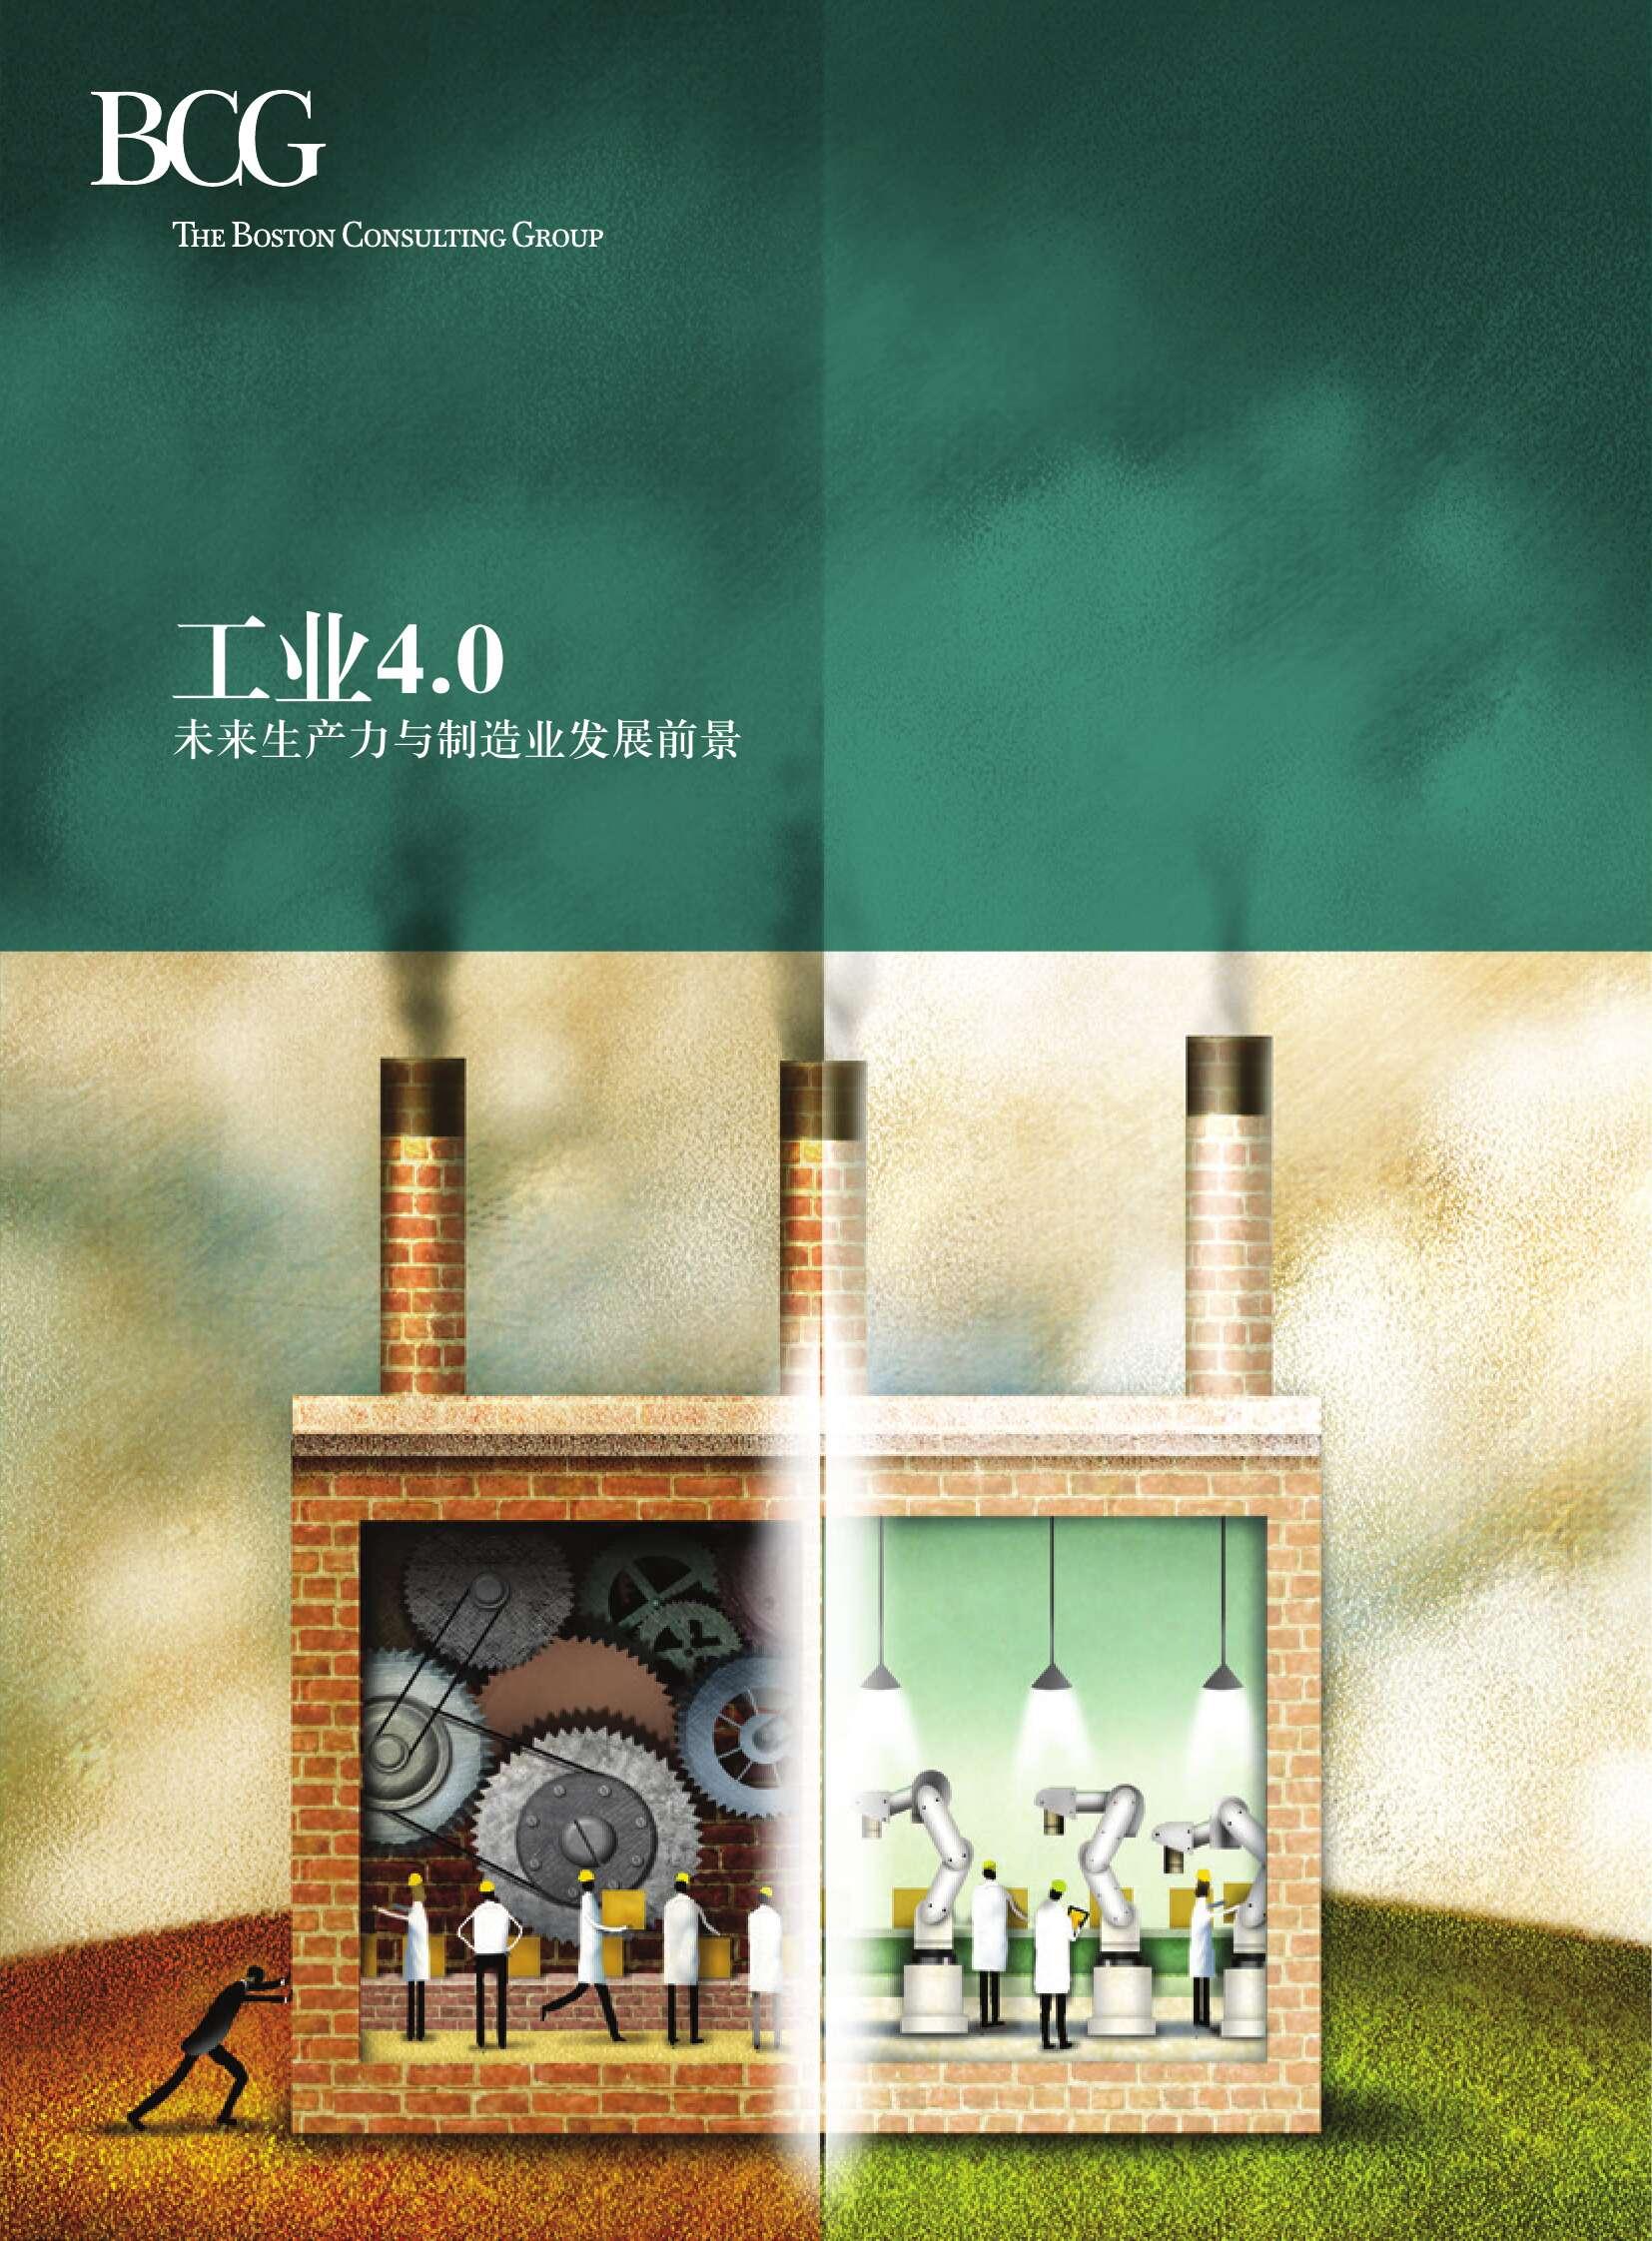 工业4.0:未来生产力与制造业发展前景_000001